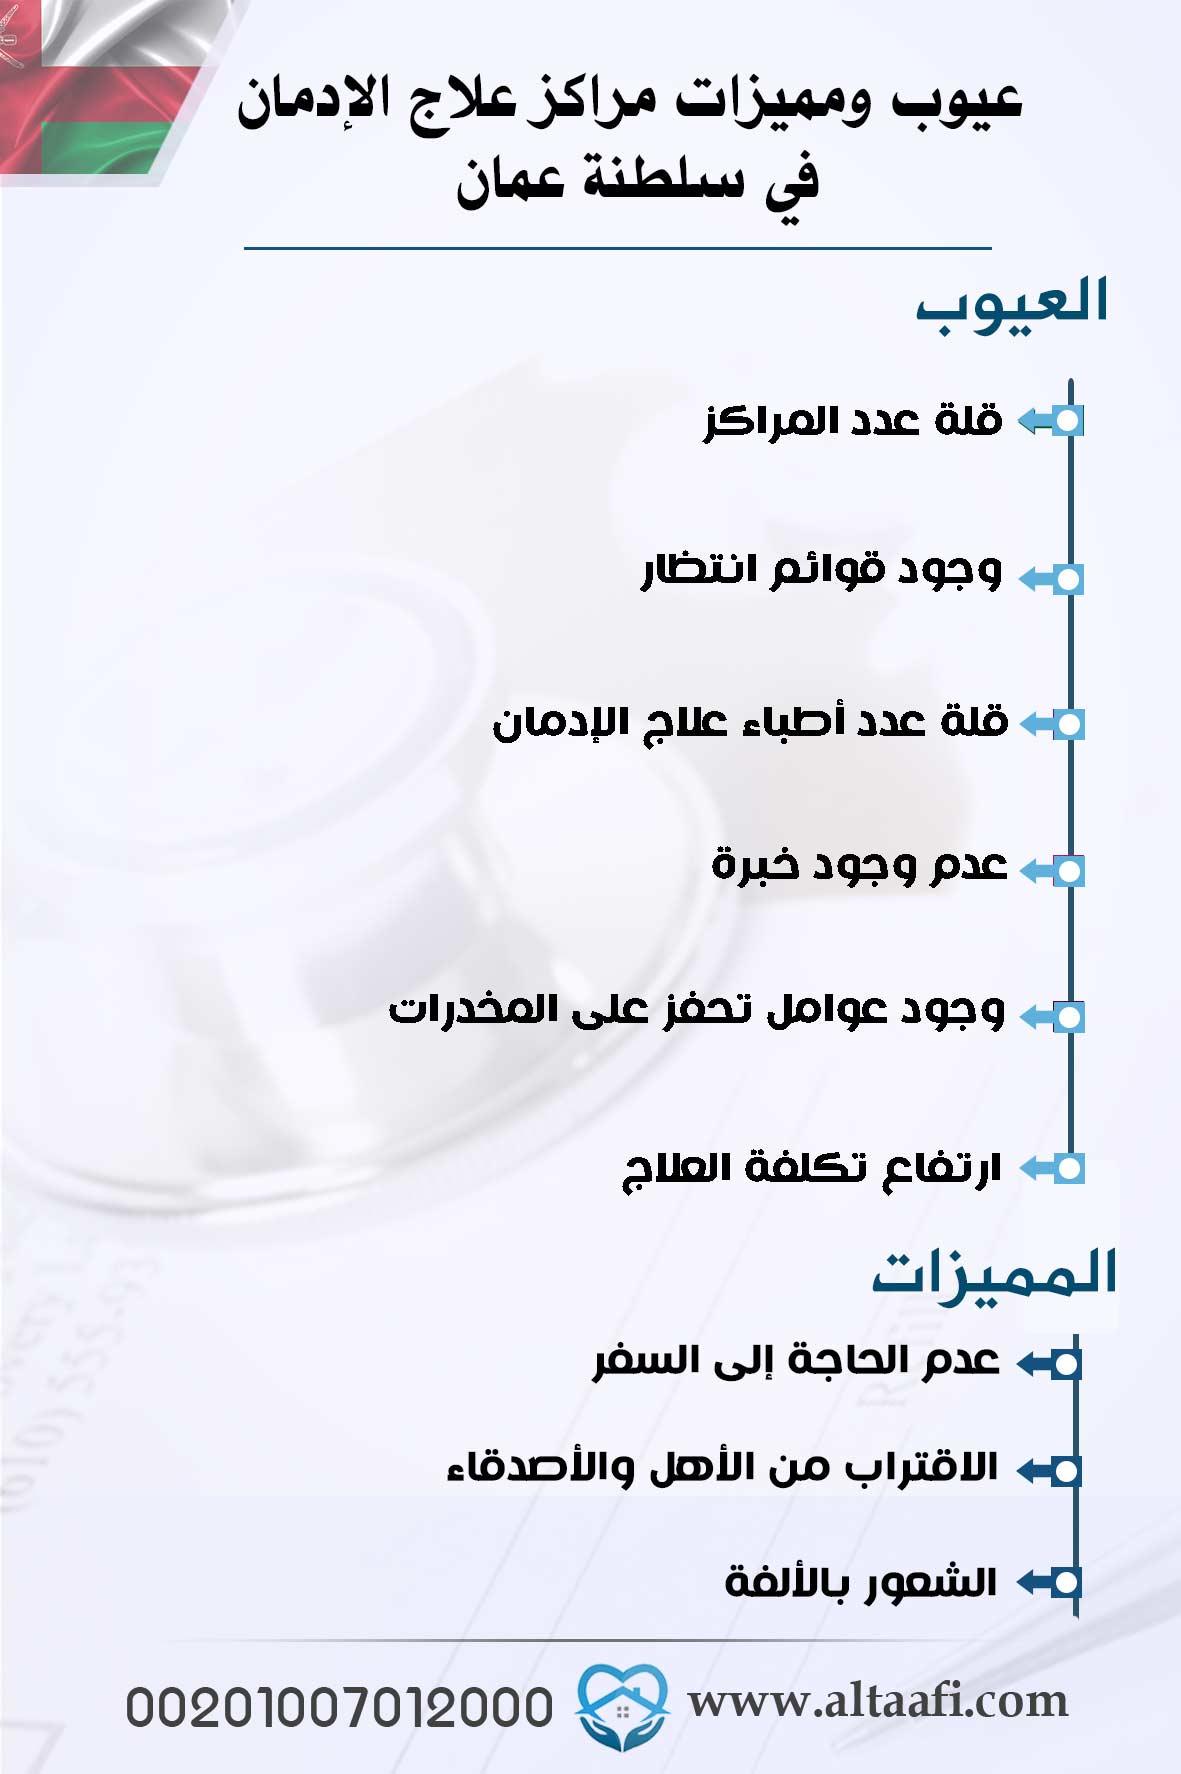 عيوب-ومميزات-مراكز-علاج-الإدمان-في-سلطنة-عمان-و